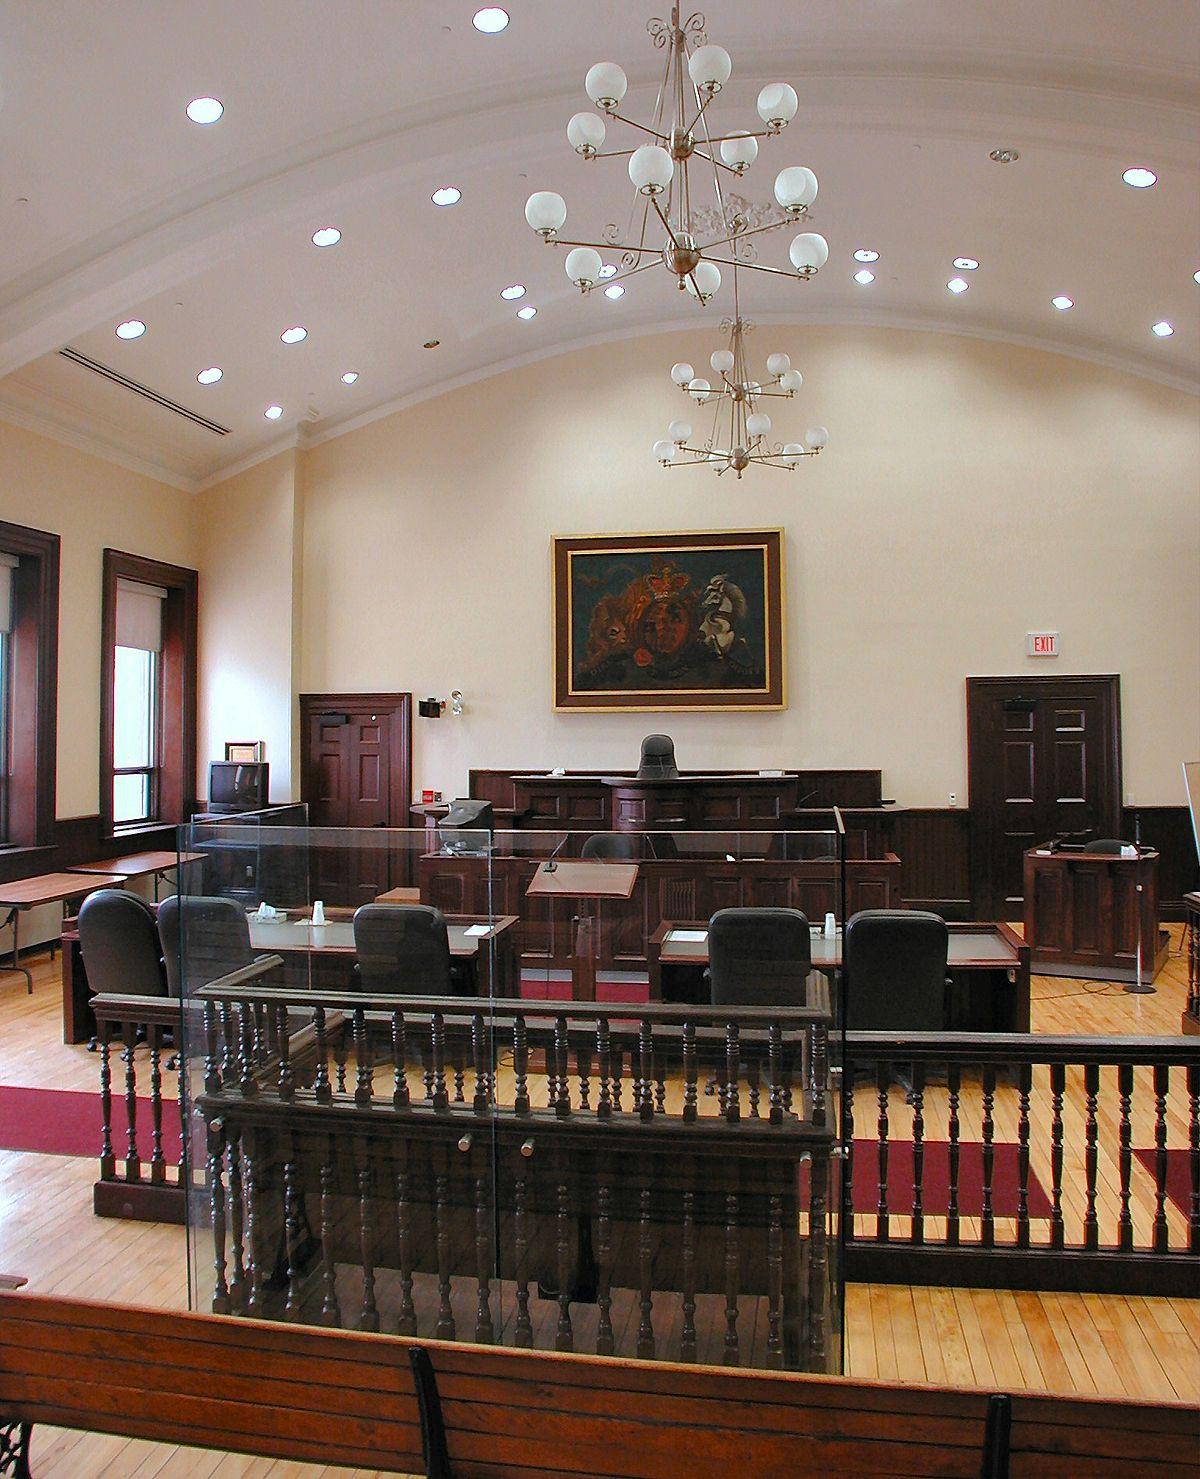 courtroom wikipedia. Black Bedroom Furniture Sets. Home Design Ideas